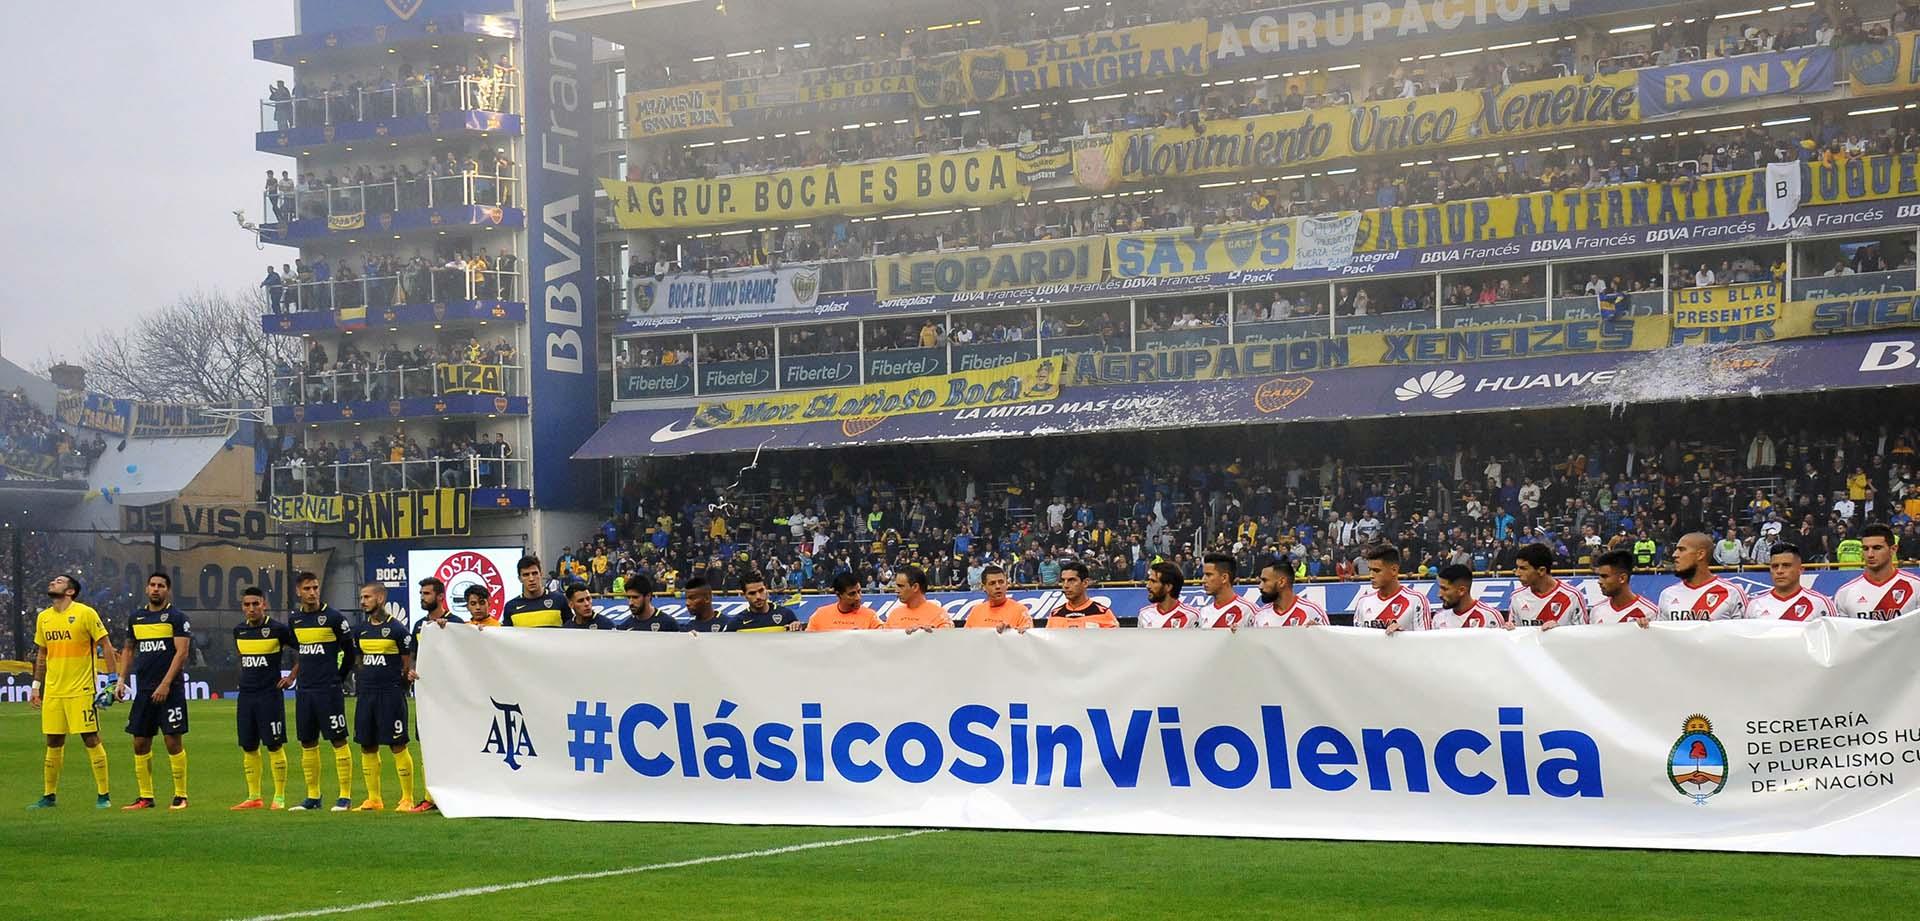 Los jugadores de ambos equipos se fotografiaron con una bandera que repudia la violencia en el fútbol